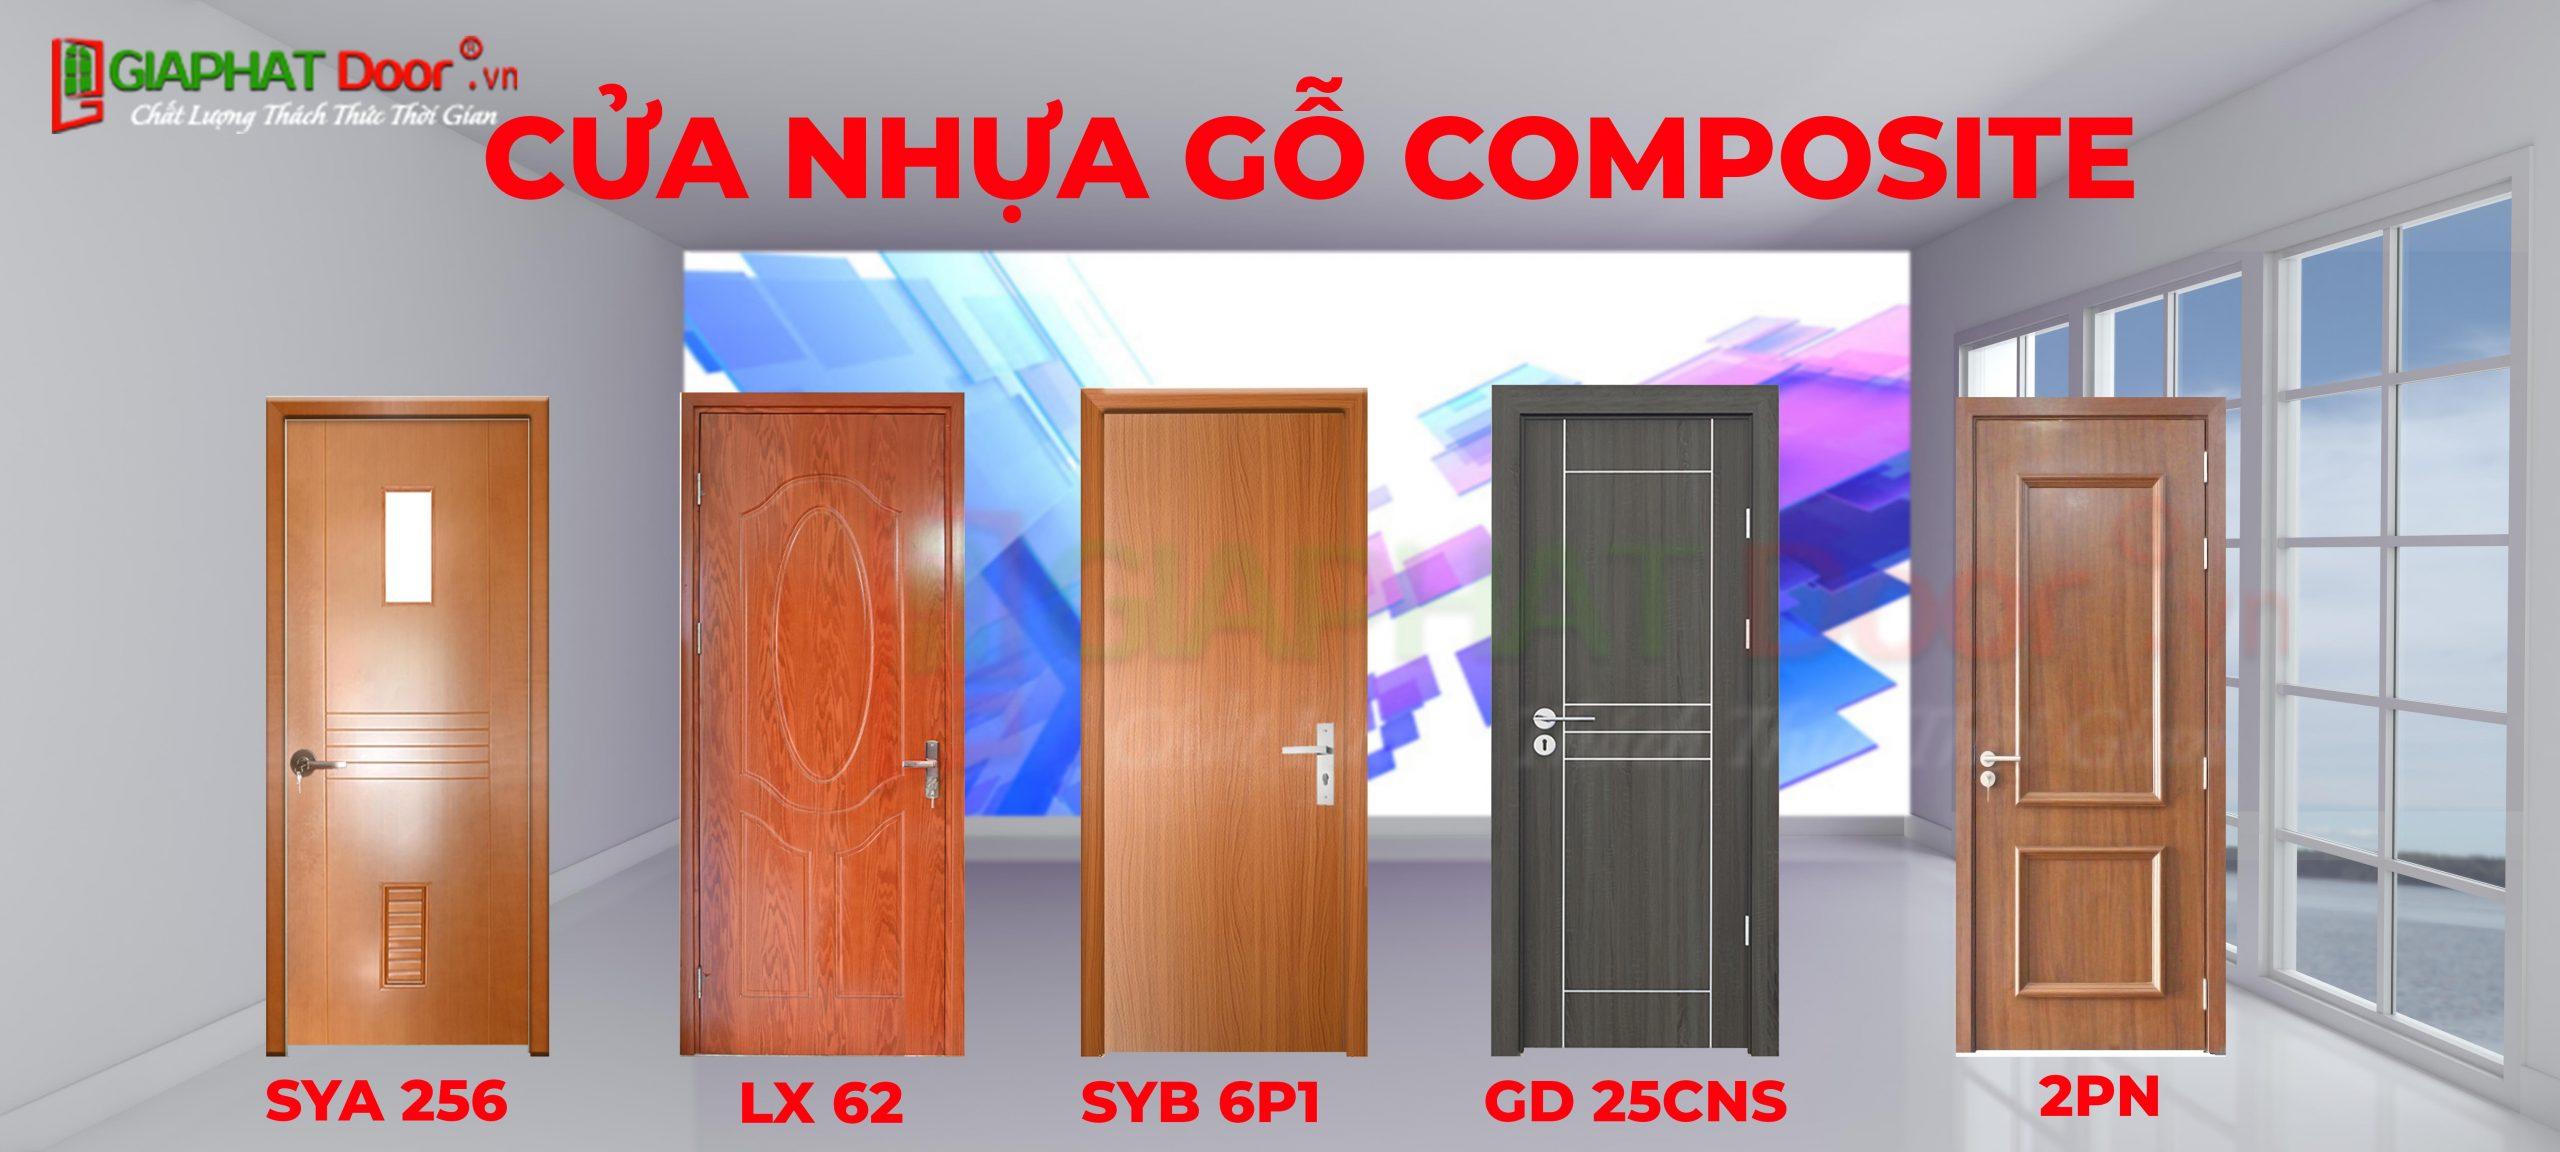 Một số mẫu cửa nhựa Composite đang rất được ưa chuộng hiện nay